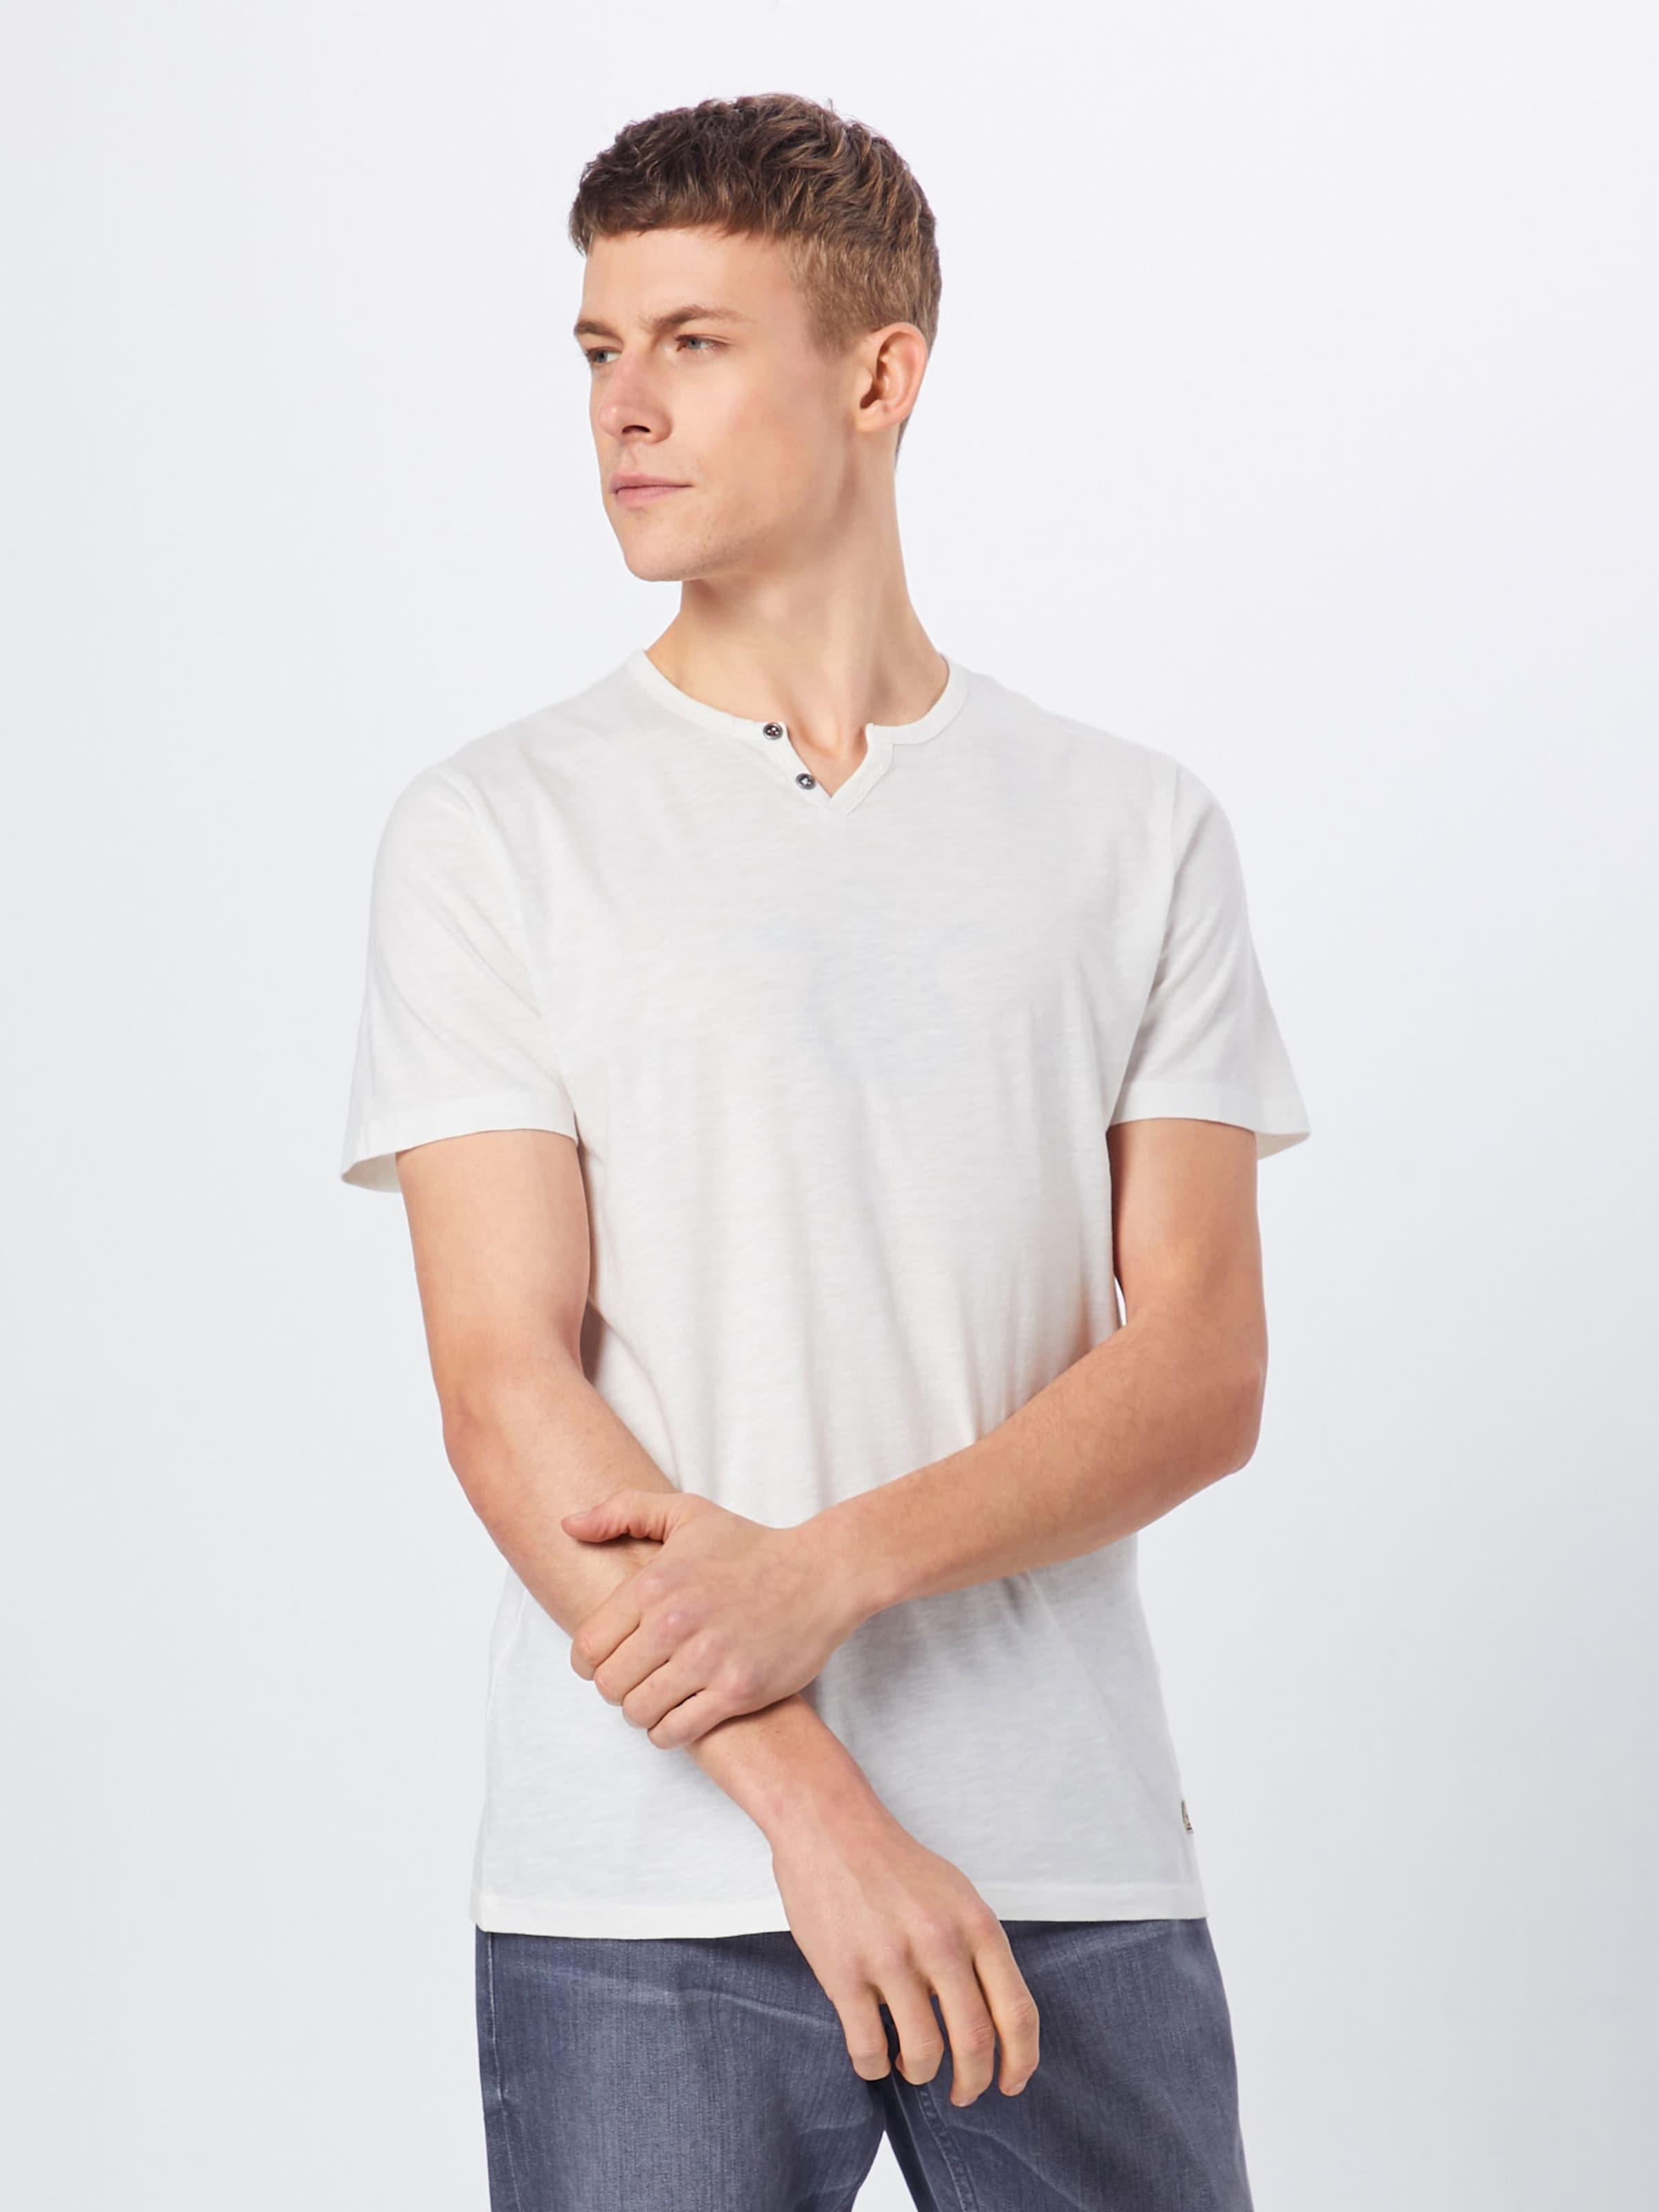 Jackamp; Chiné Jones 'jpben' Blanc En T shirt ID2EH9W